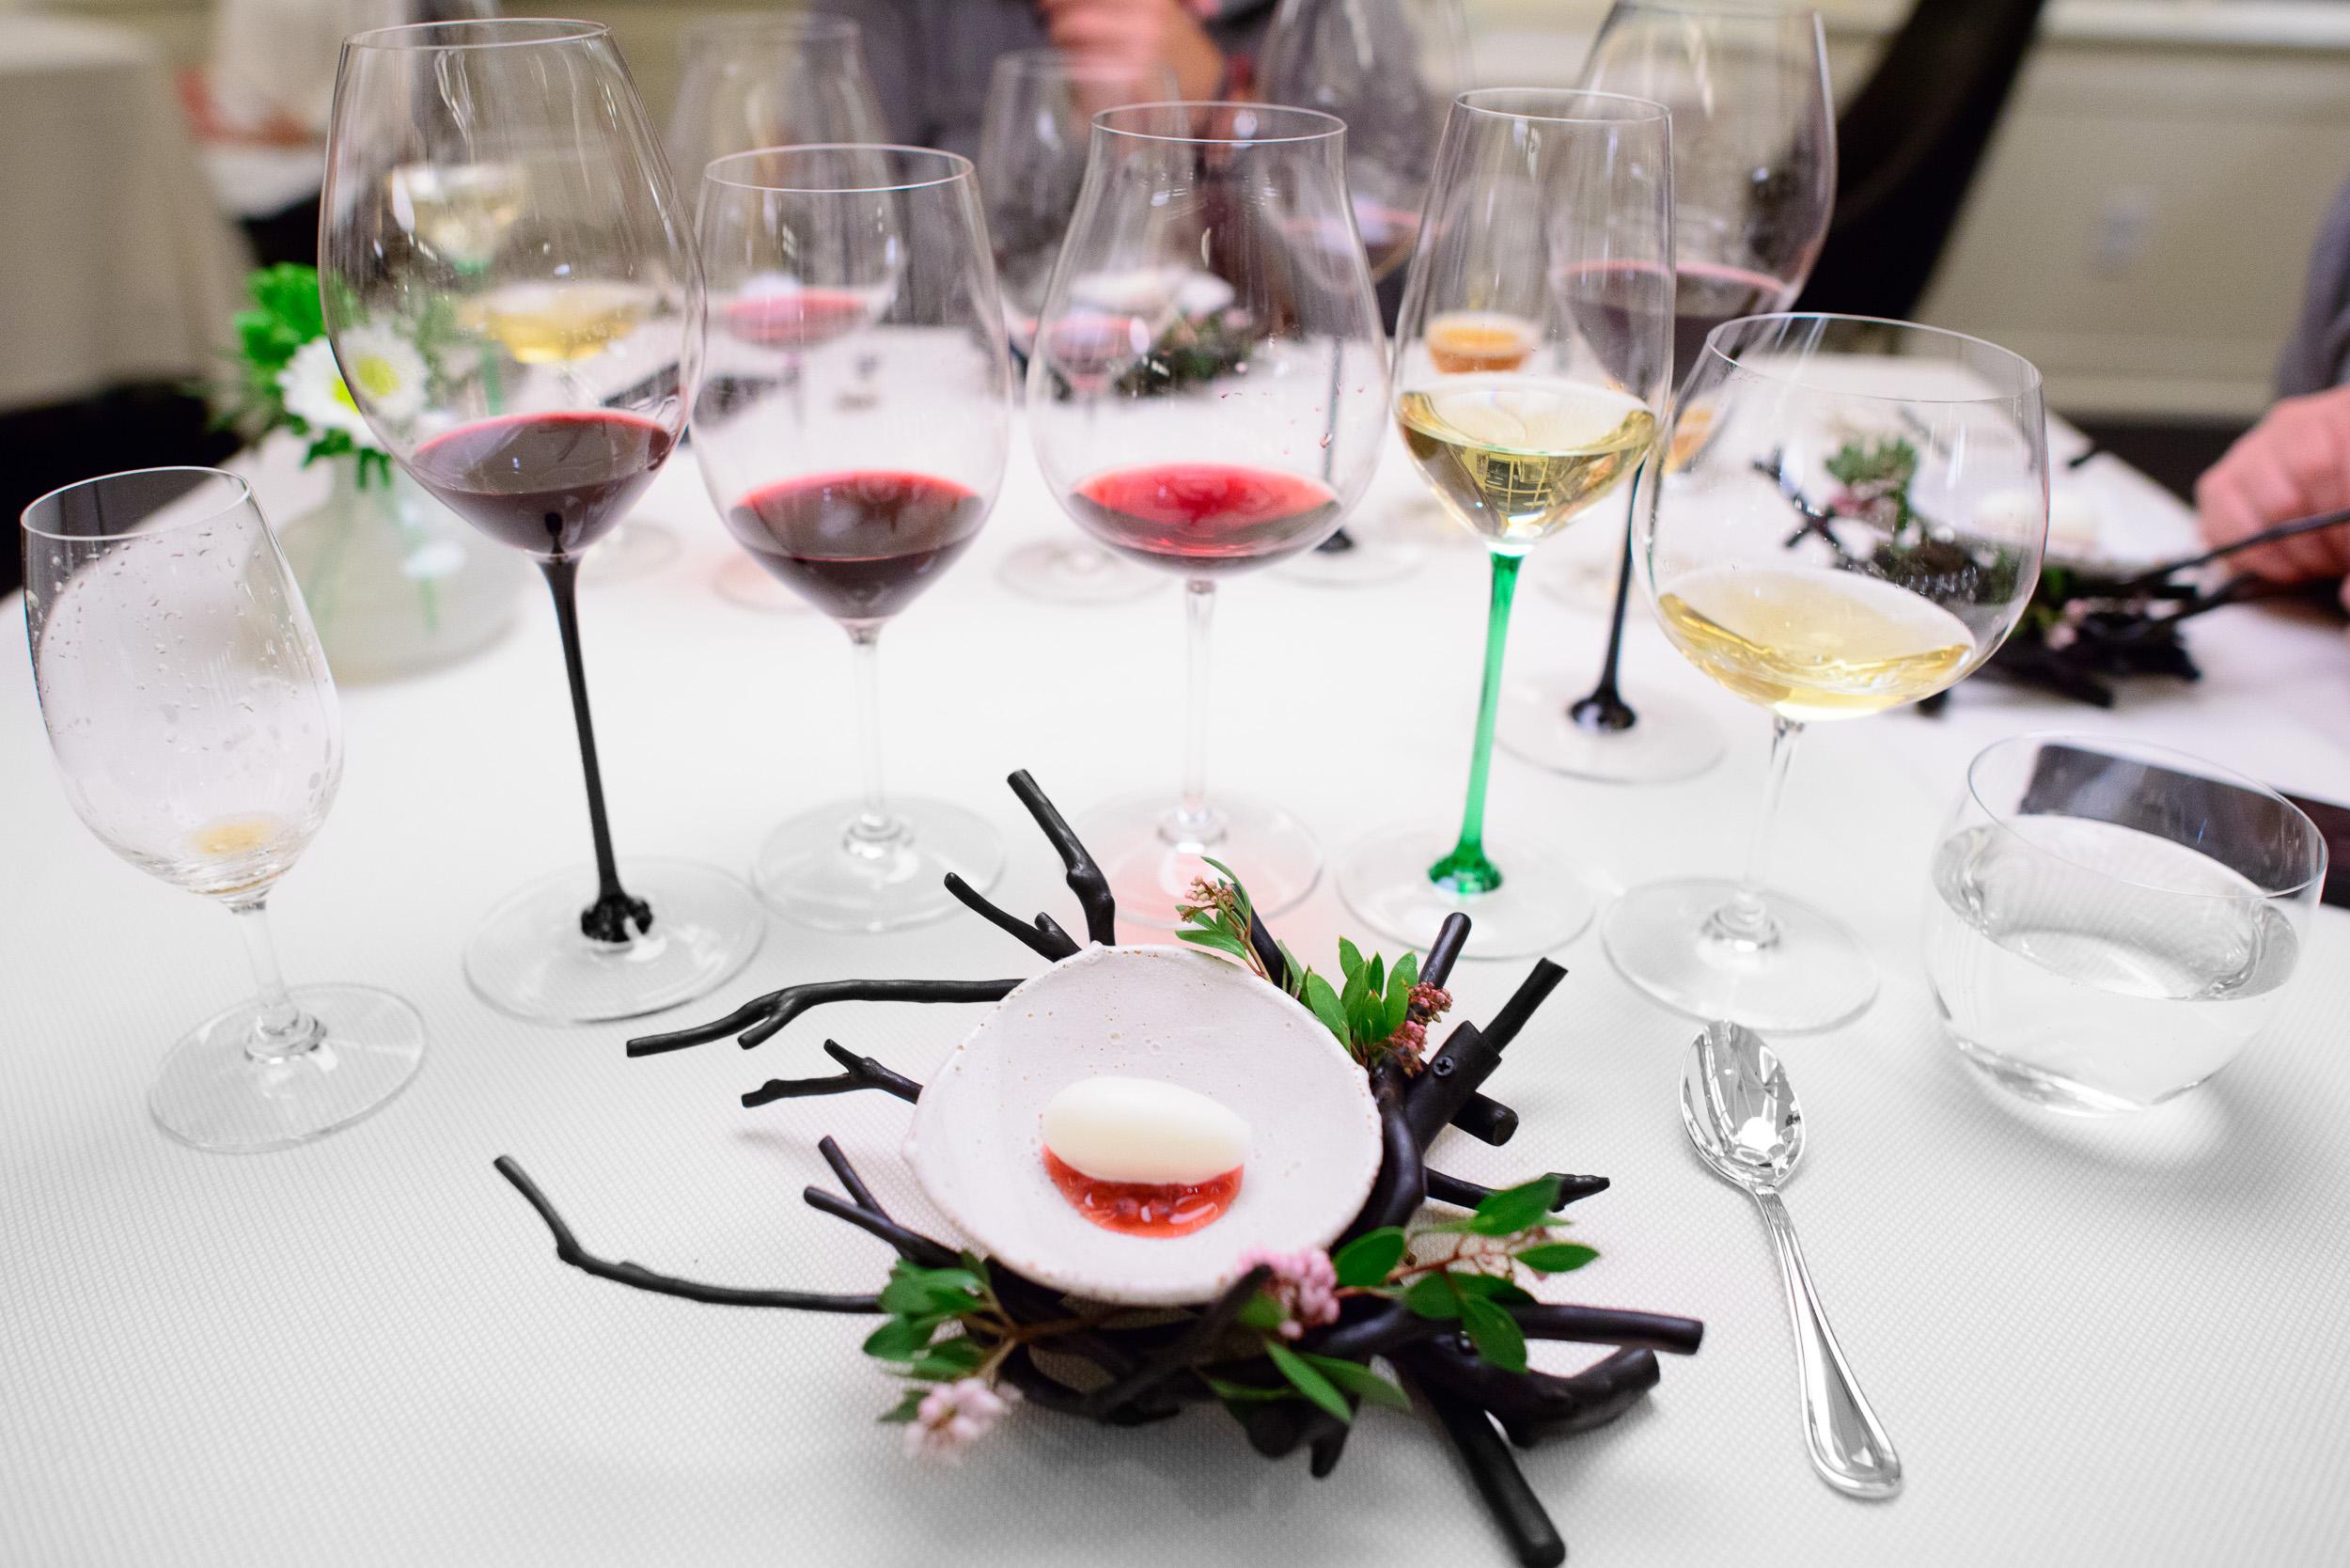 15th Course: Koji sorbet, manzanita berries